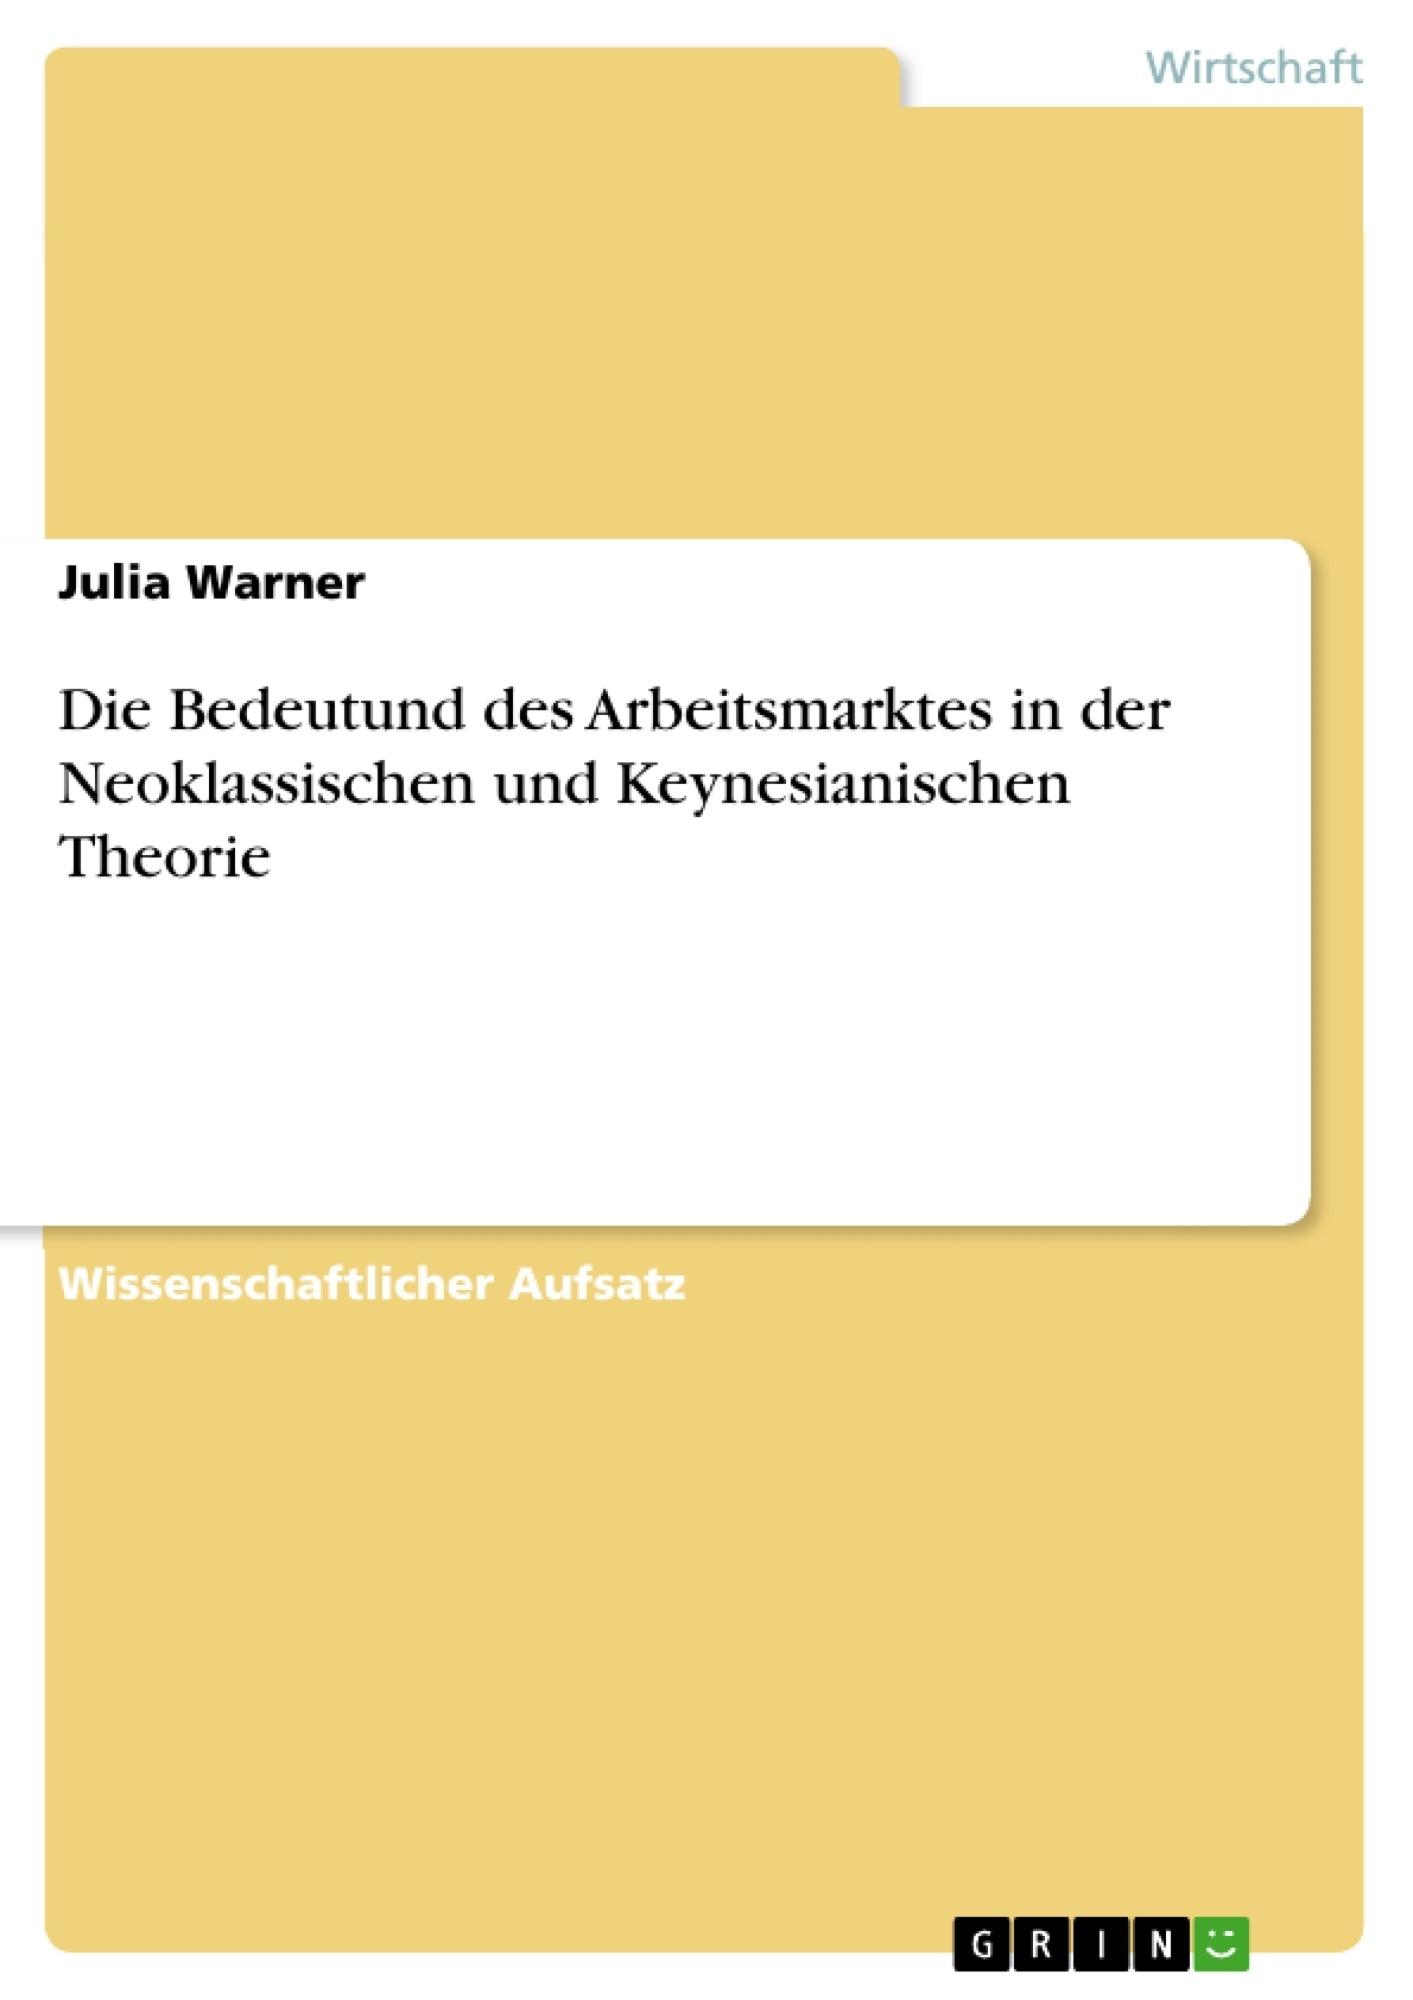 Titel: Die Bedeutund des Arbeitsmarktes in der Neoklassischen und Keynesianischen Theorie